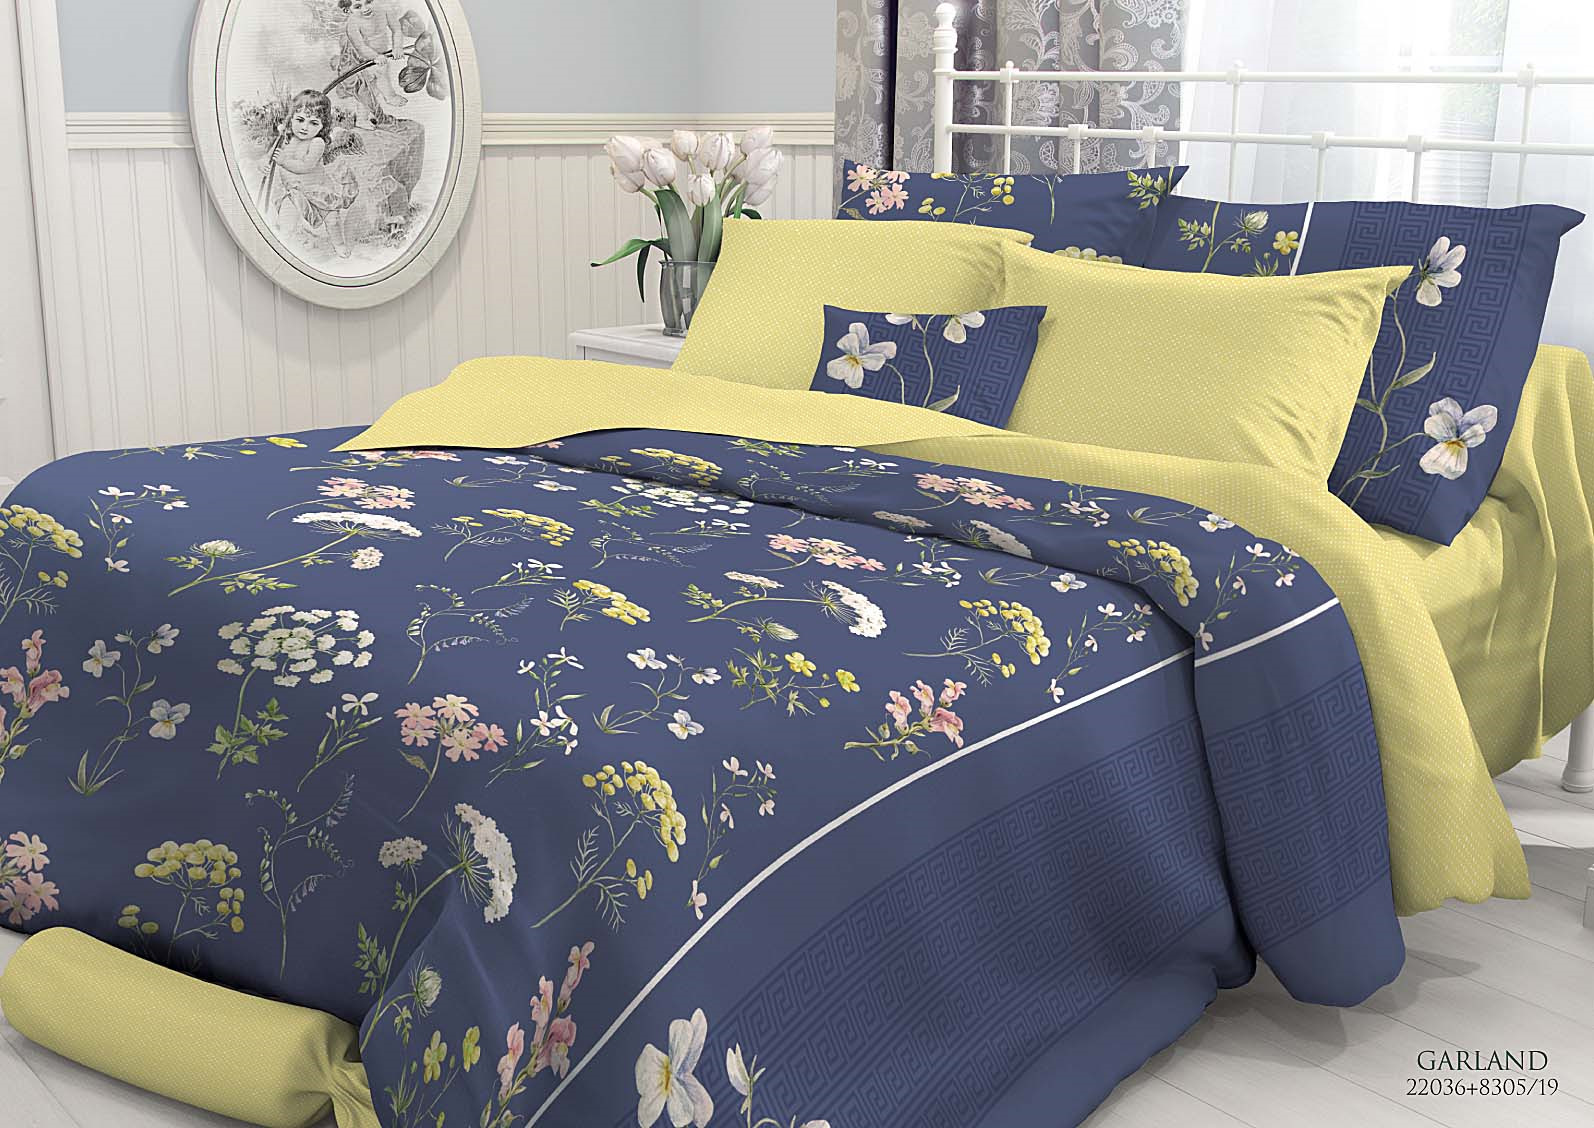 Комплект белья Verossa Garland, 2-спальный, наволочки 70x70